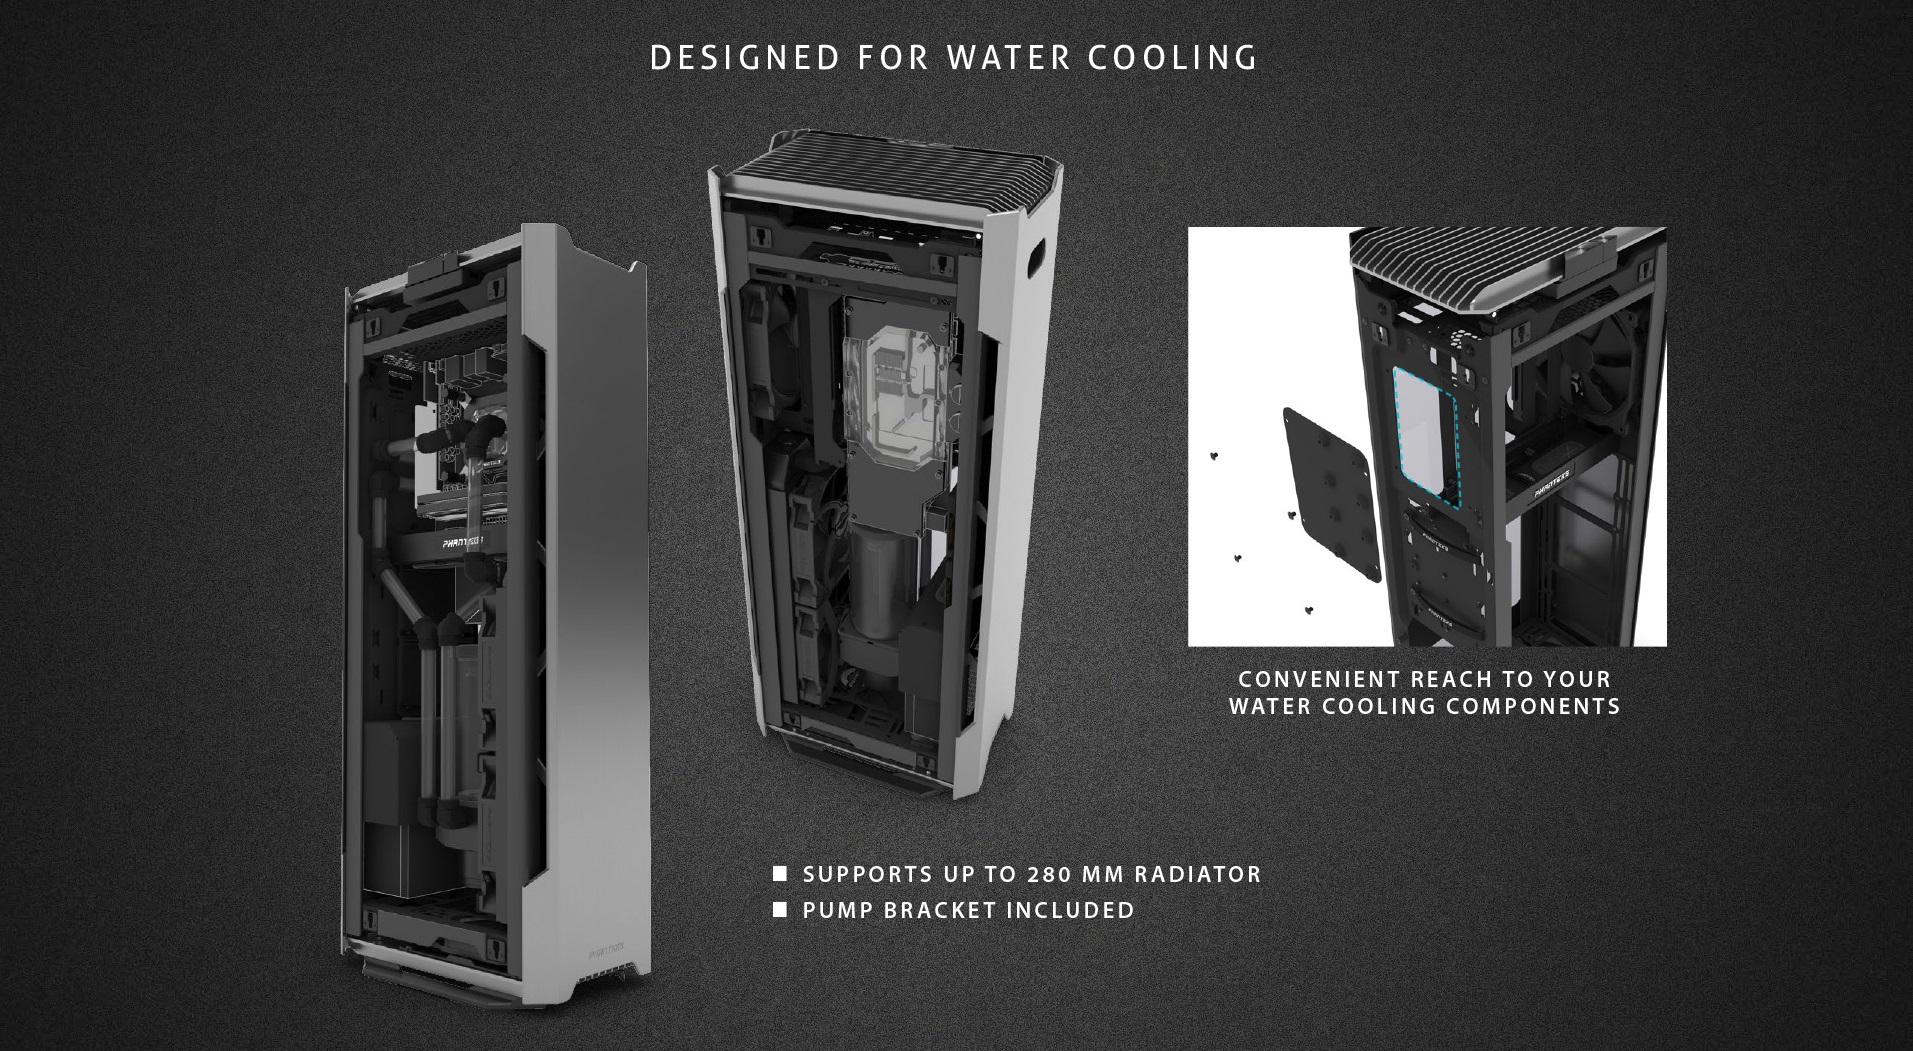 Phanteks Enthoo Evolv Shift X Tempered Glass Windows thiết kế cho tản nhiệt nước